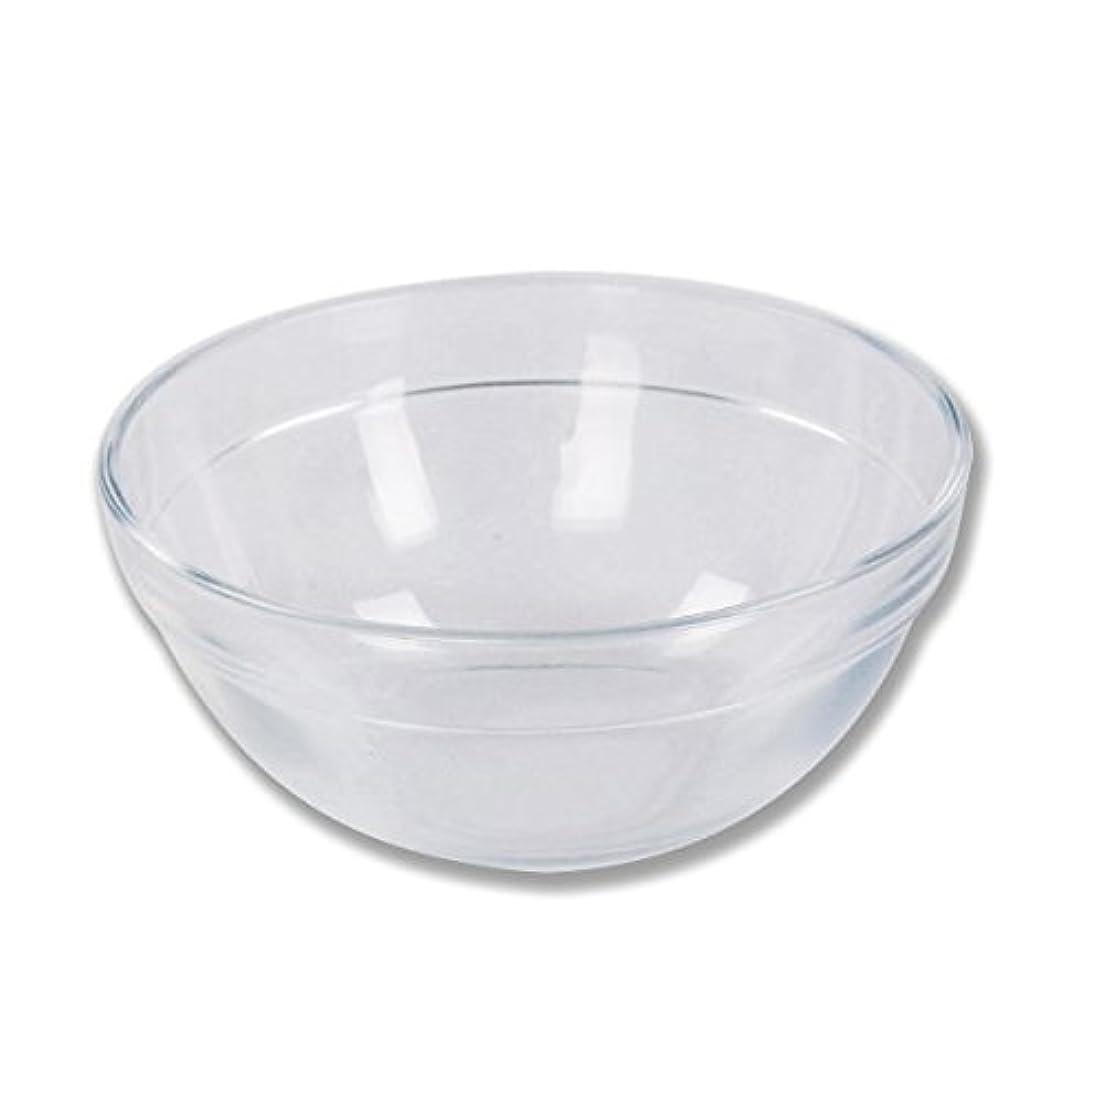 同一性地区葉ガラスボウル (XLサイズ) [ ガラスボール カップボウル カップボール エステ サロン ガラス ボウル カップ 高級感 ]